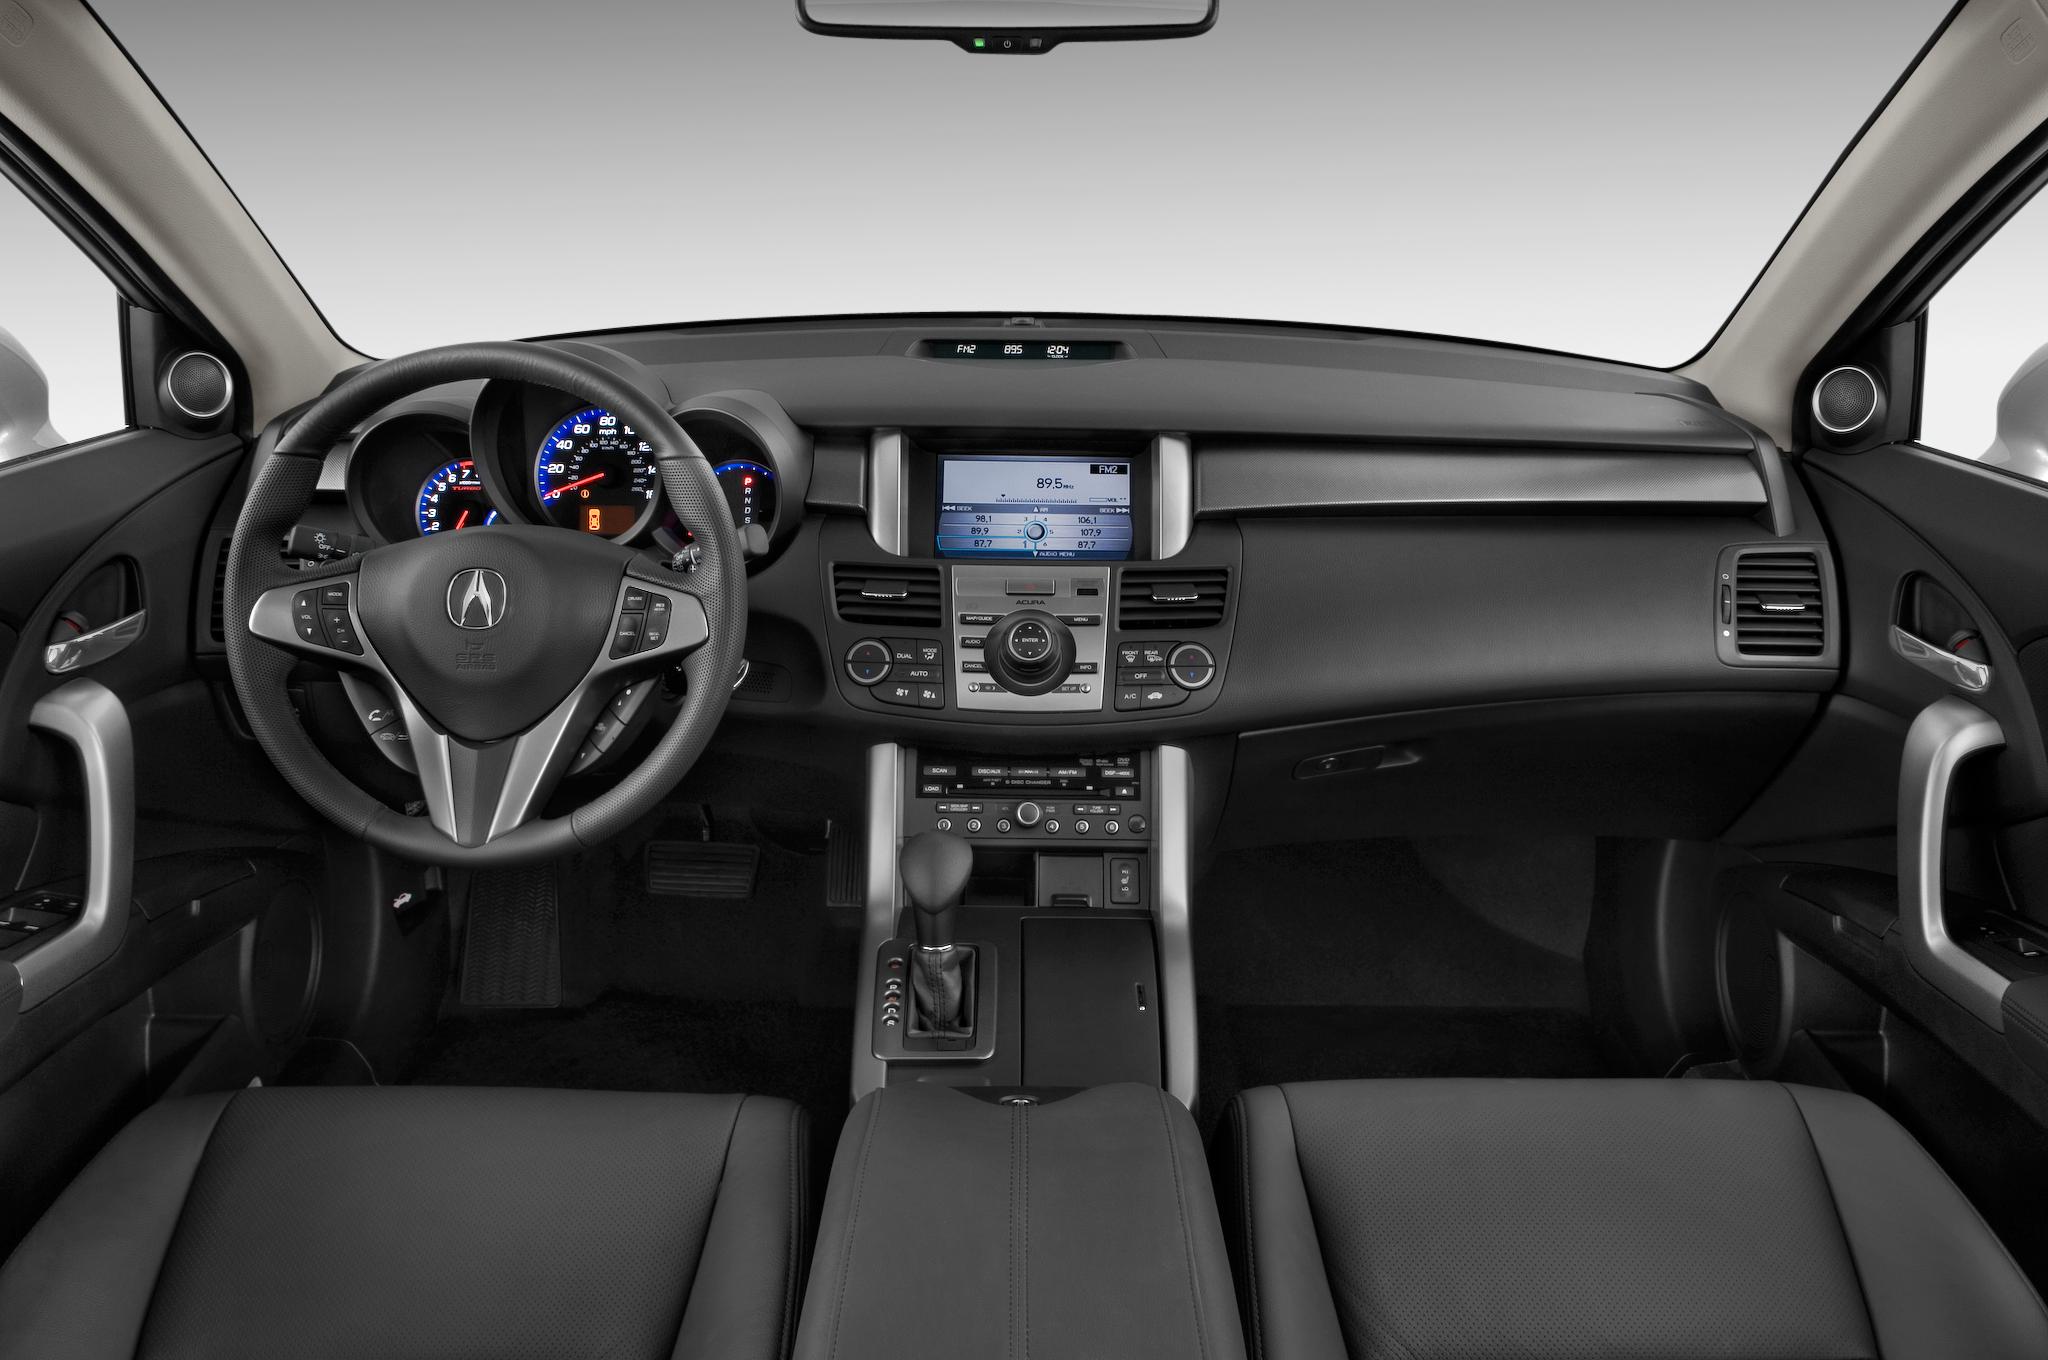 2010 Acura Zdx Suv